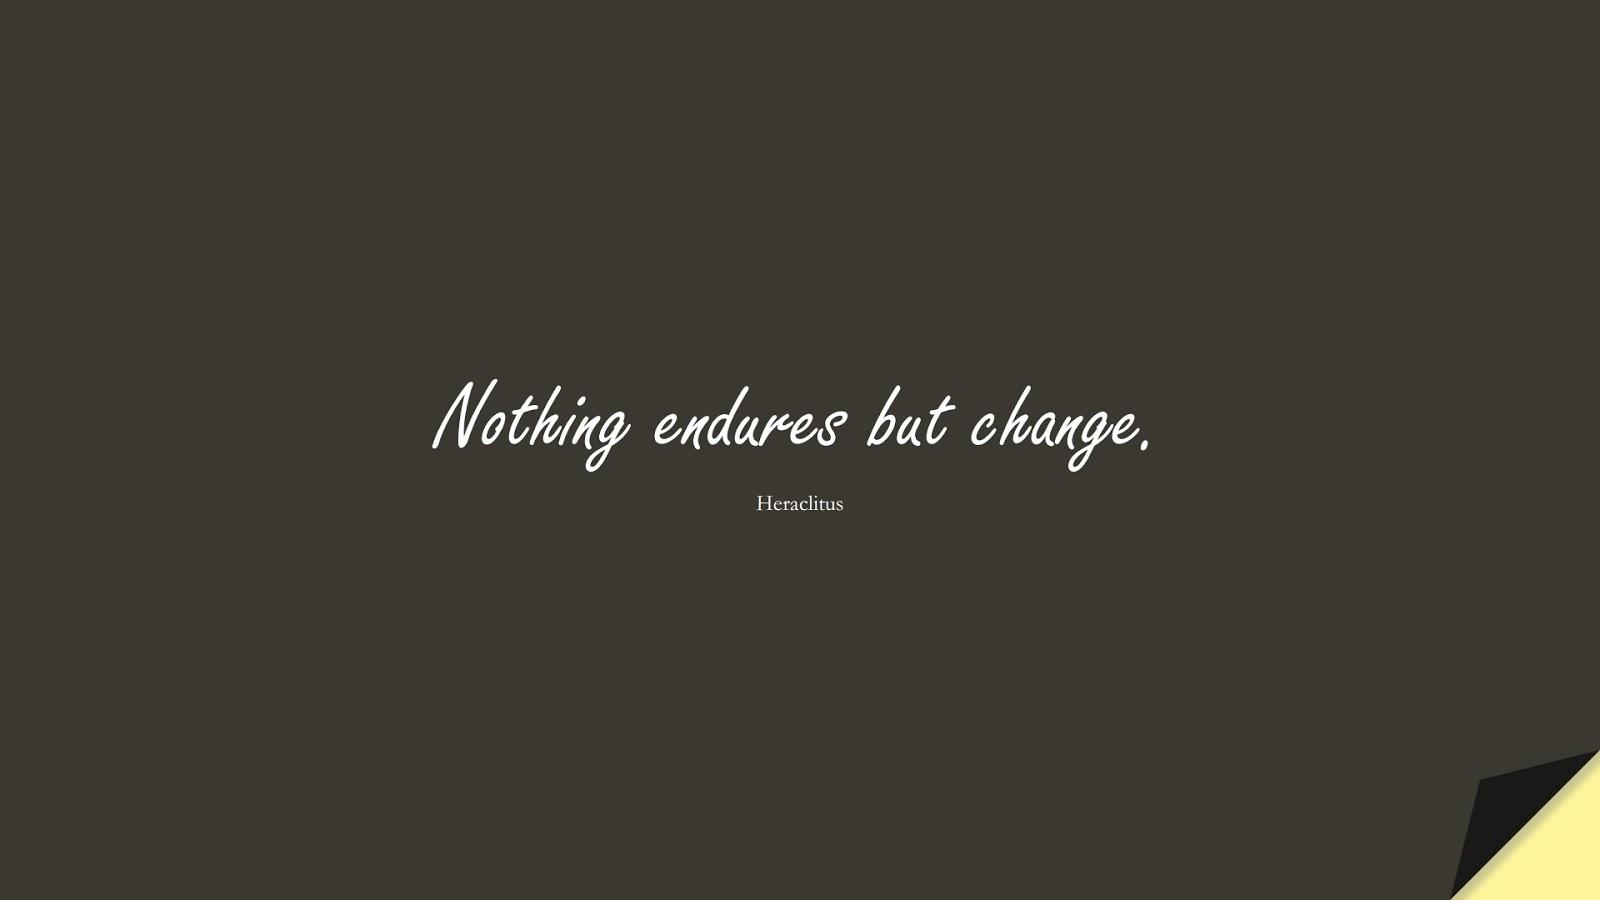 Nothing endures but change. (Heraclitus);  #StoicQuotes